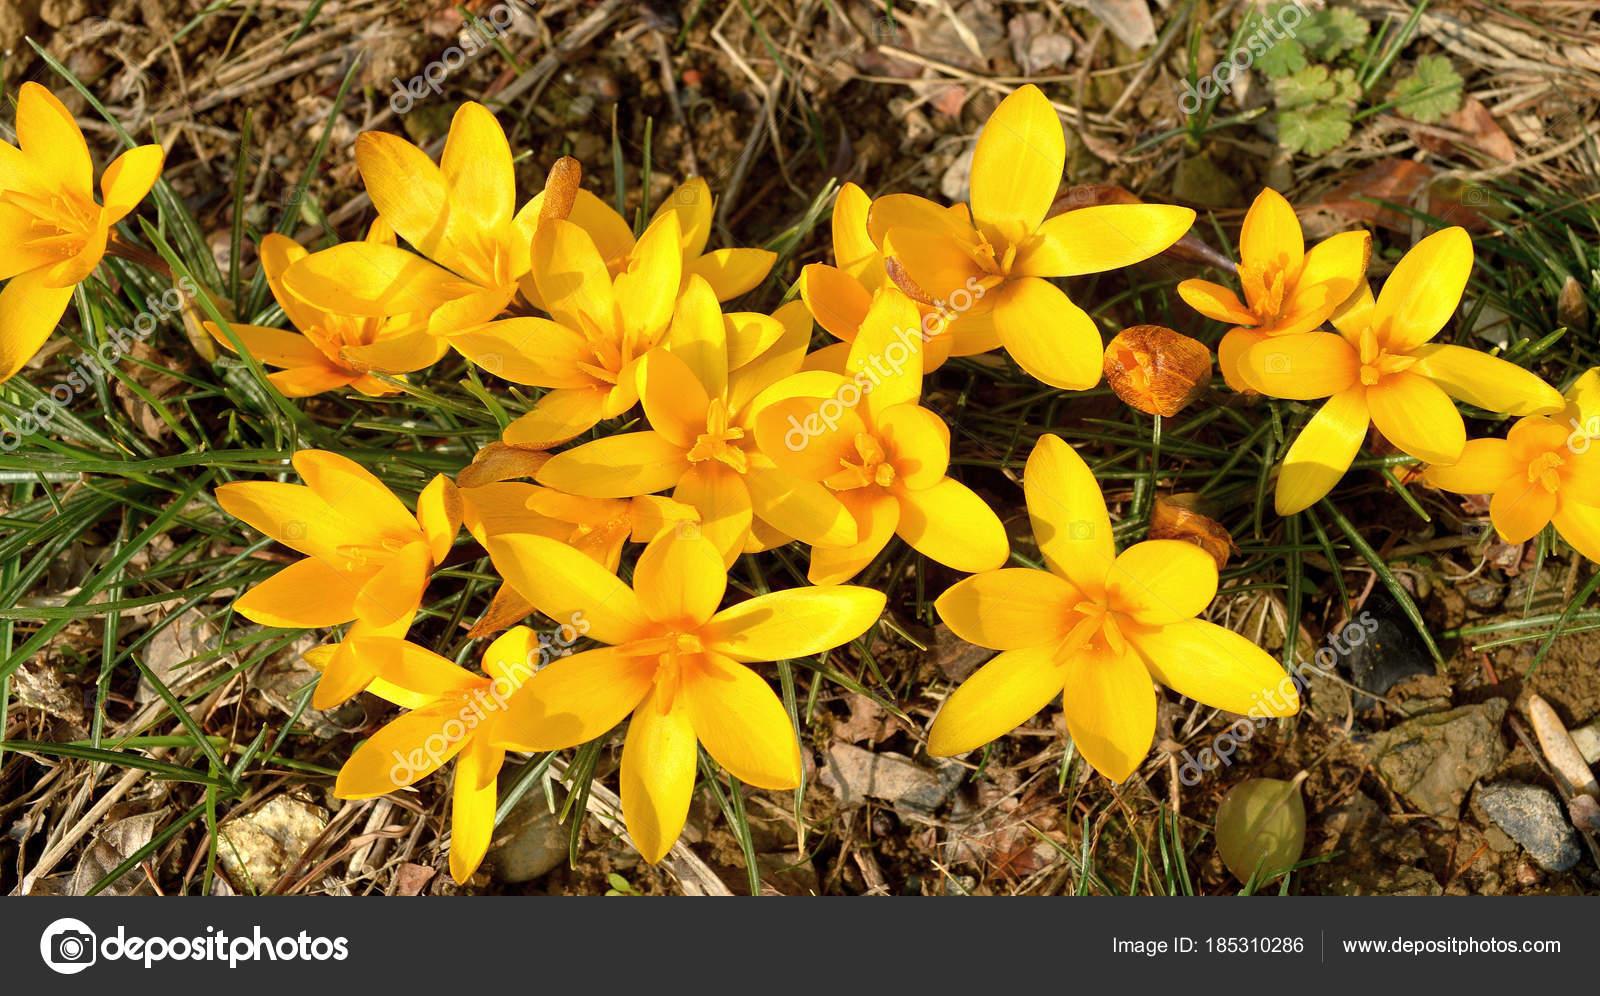 Erste Fruhlingsblumen Fotografie Mit Szene Bluhenden Fruhling Gelbe